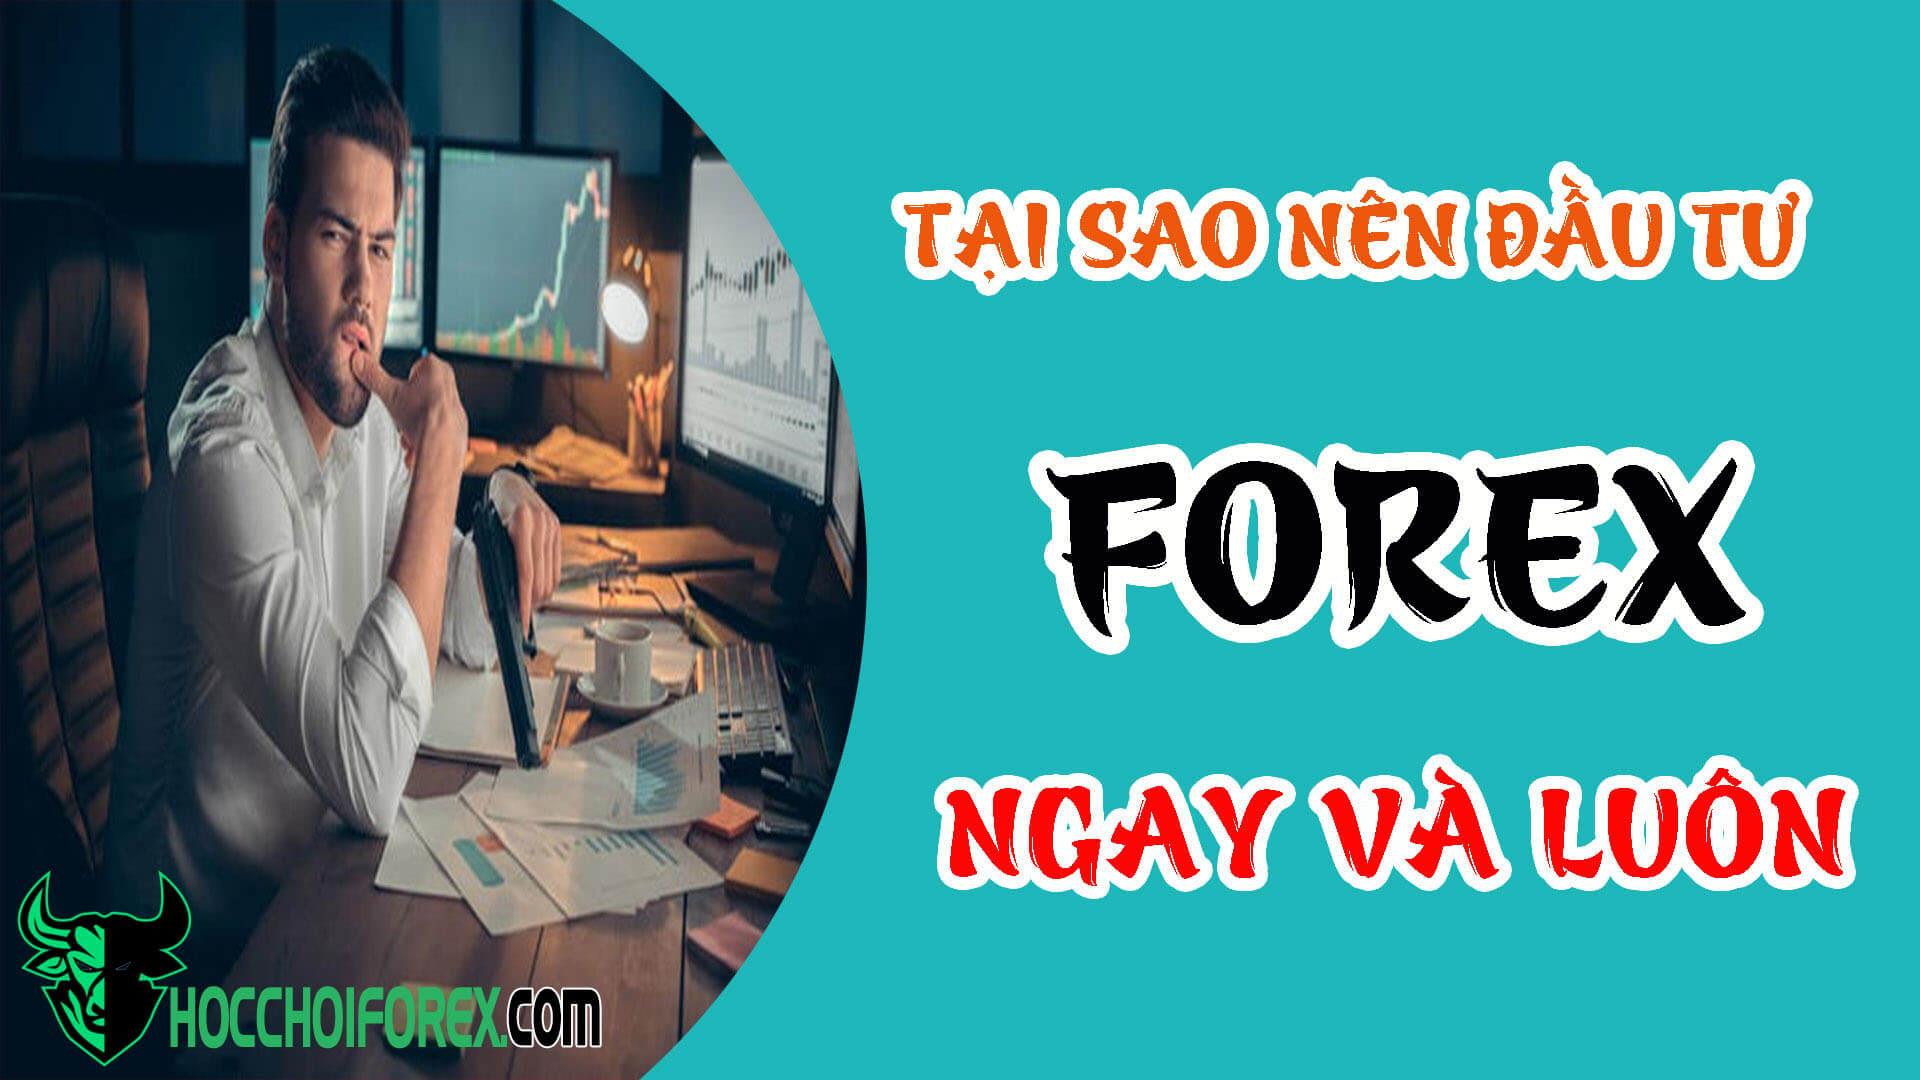 Ở Việt Nam có nên đầu tư forex không và nên đầu tư như thế nào